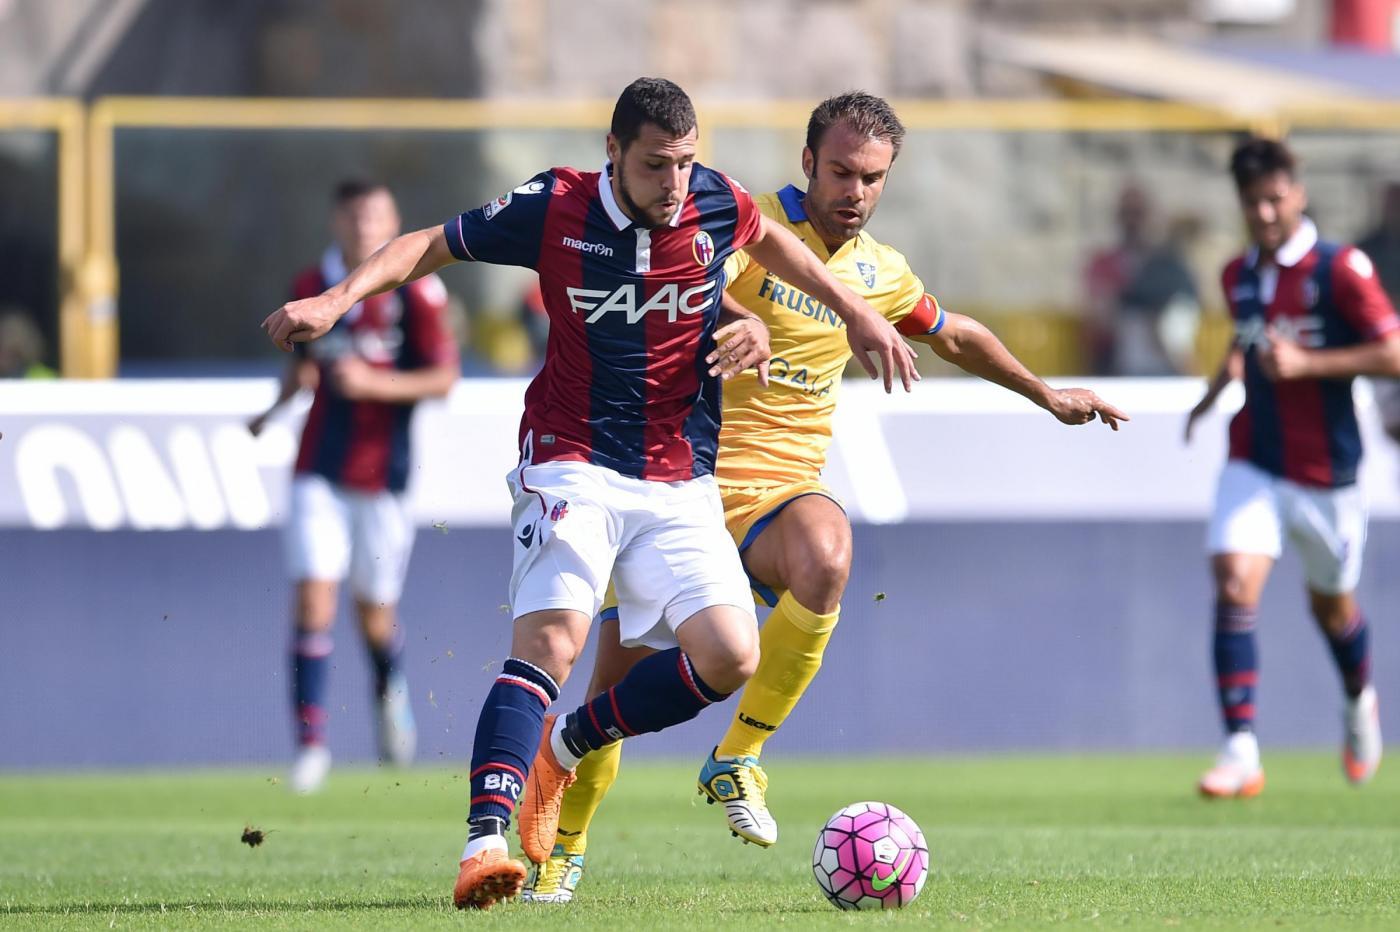 Bologna-Frosinone 1-0: le pagelle di CalcioWeb